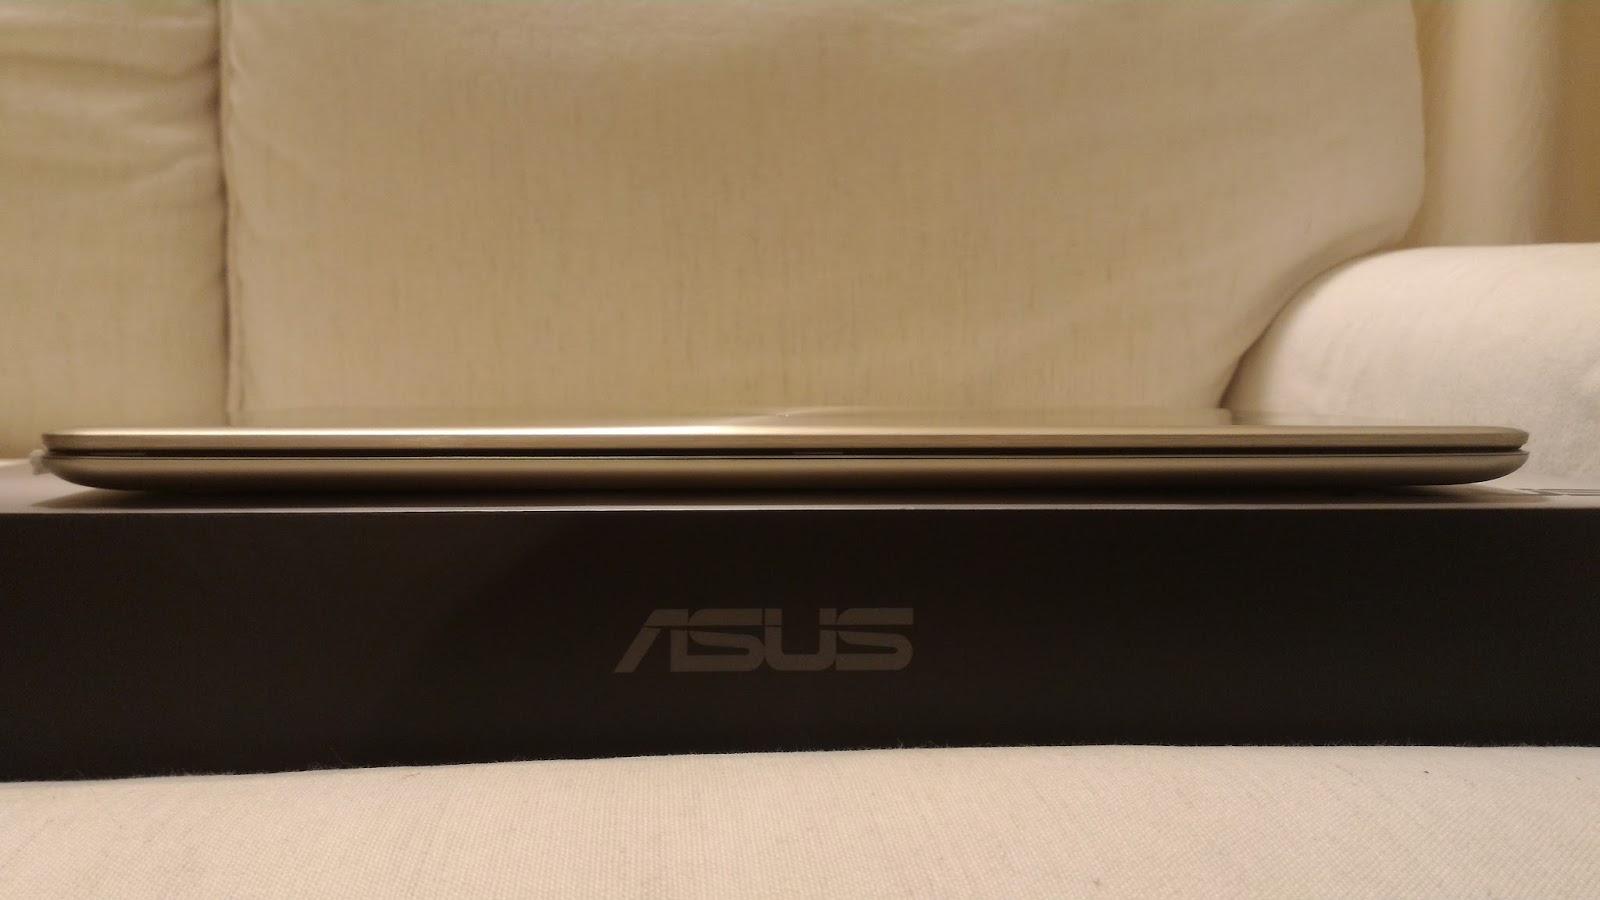 P 20160506 230604 SRES - [開箱] Asus Zenbook Flip UX306CA 極致輕薄、360度自由翻轉